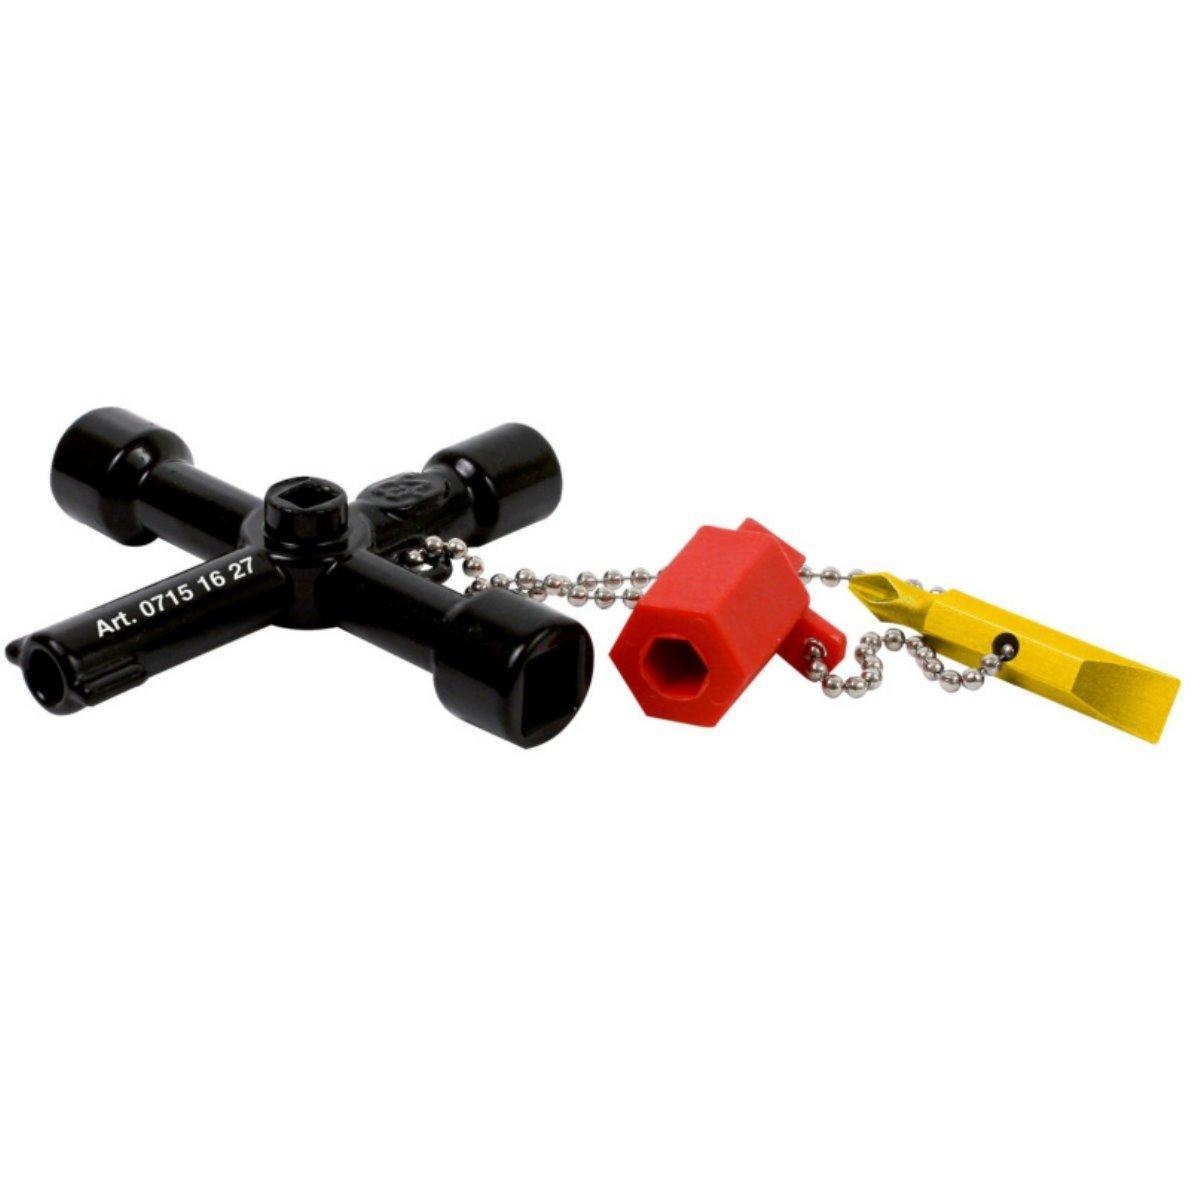 Универсальный ключ 5 в 1 для всех стандартных шкафов в области электротехники, газа,воды и вентиляции Wurth